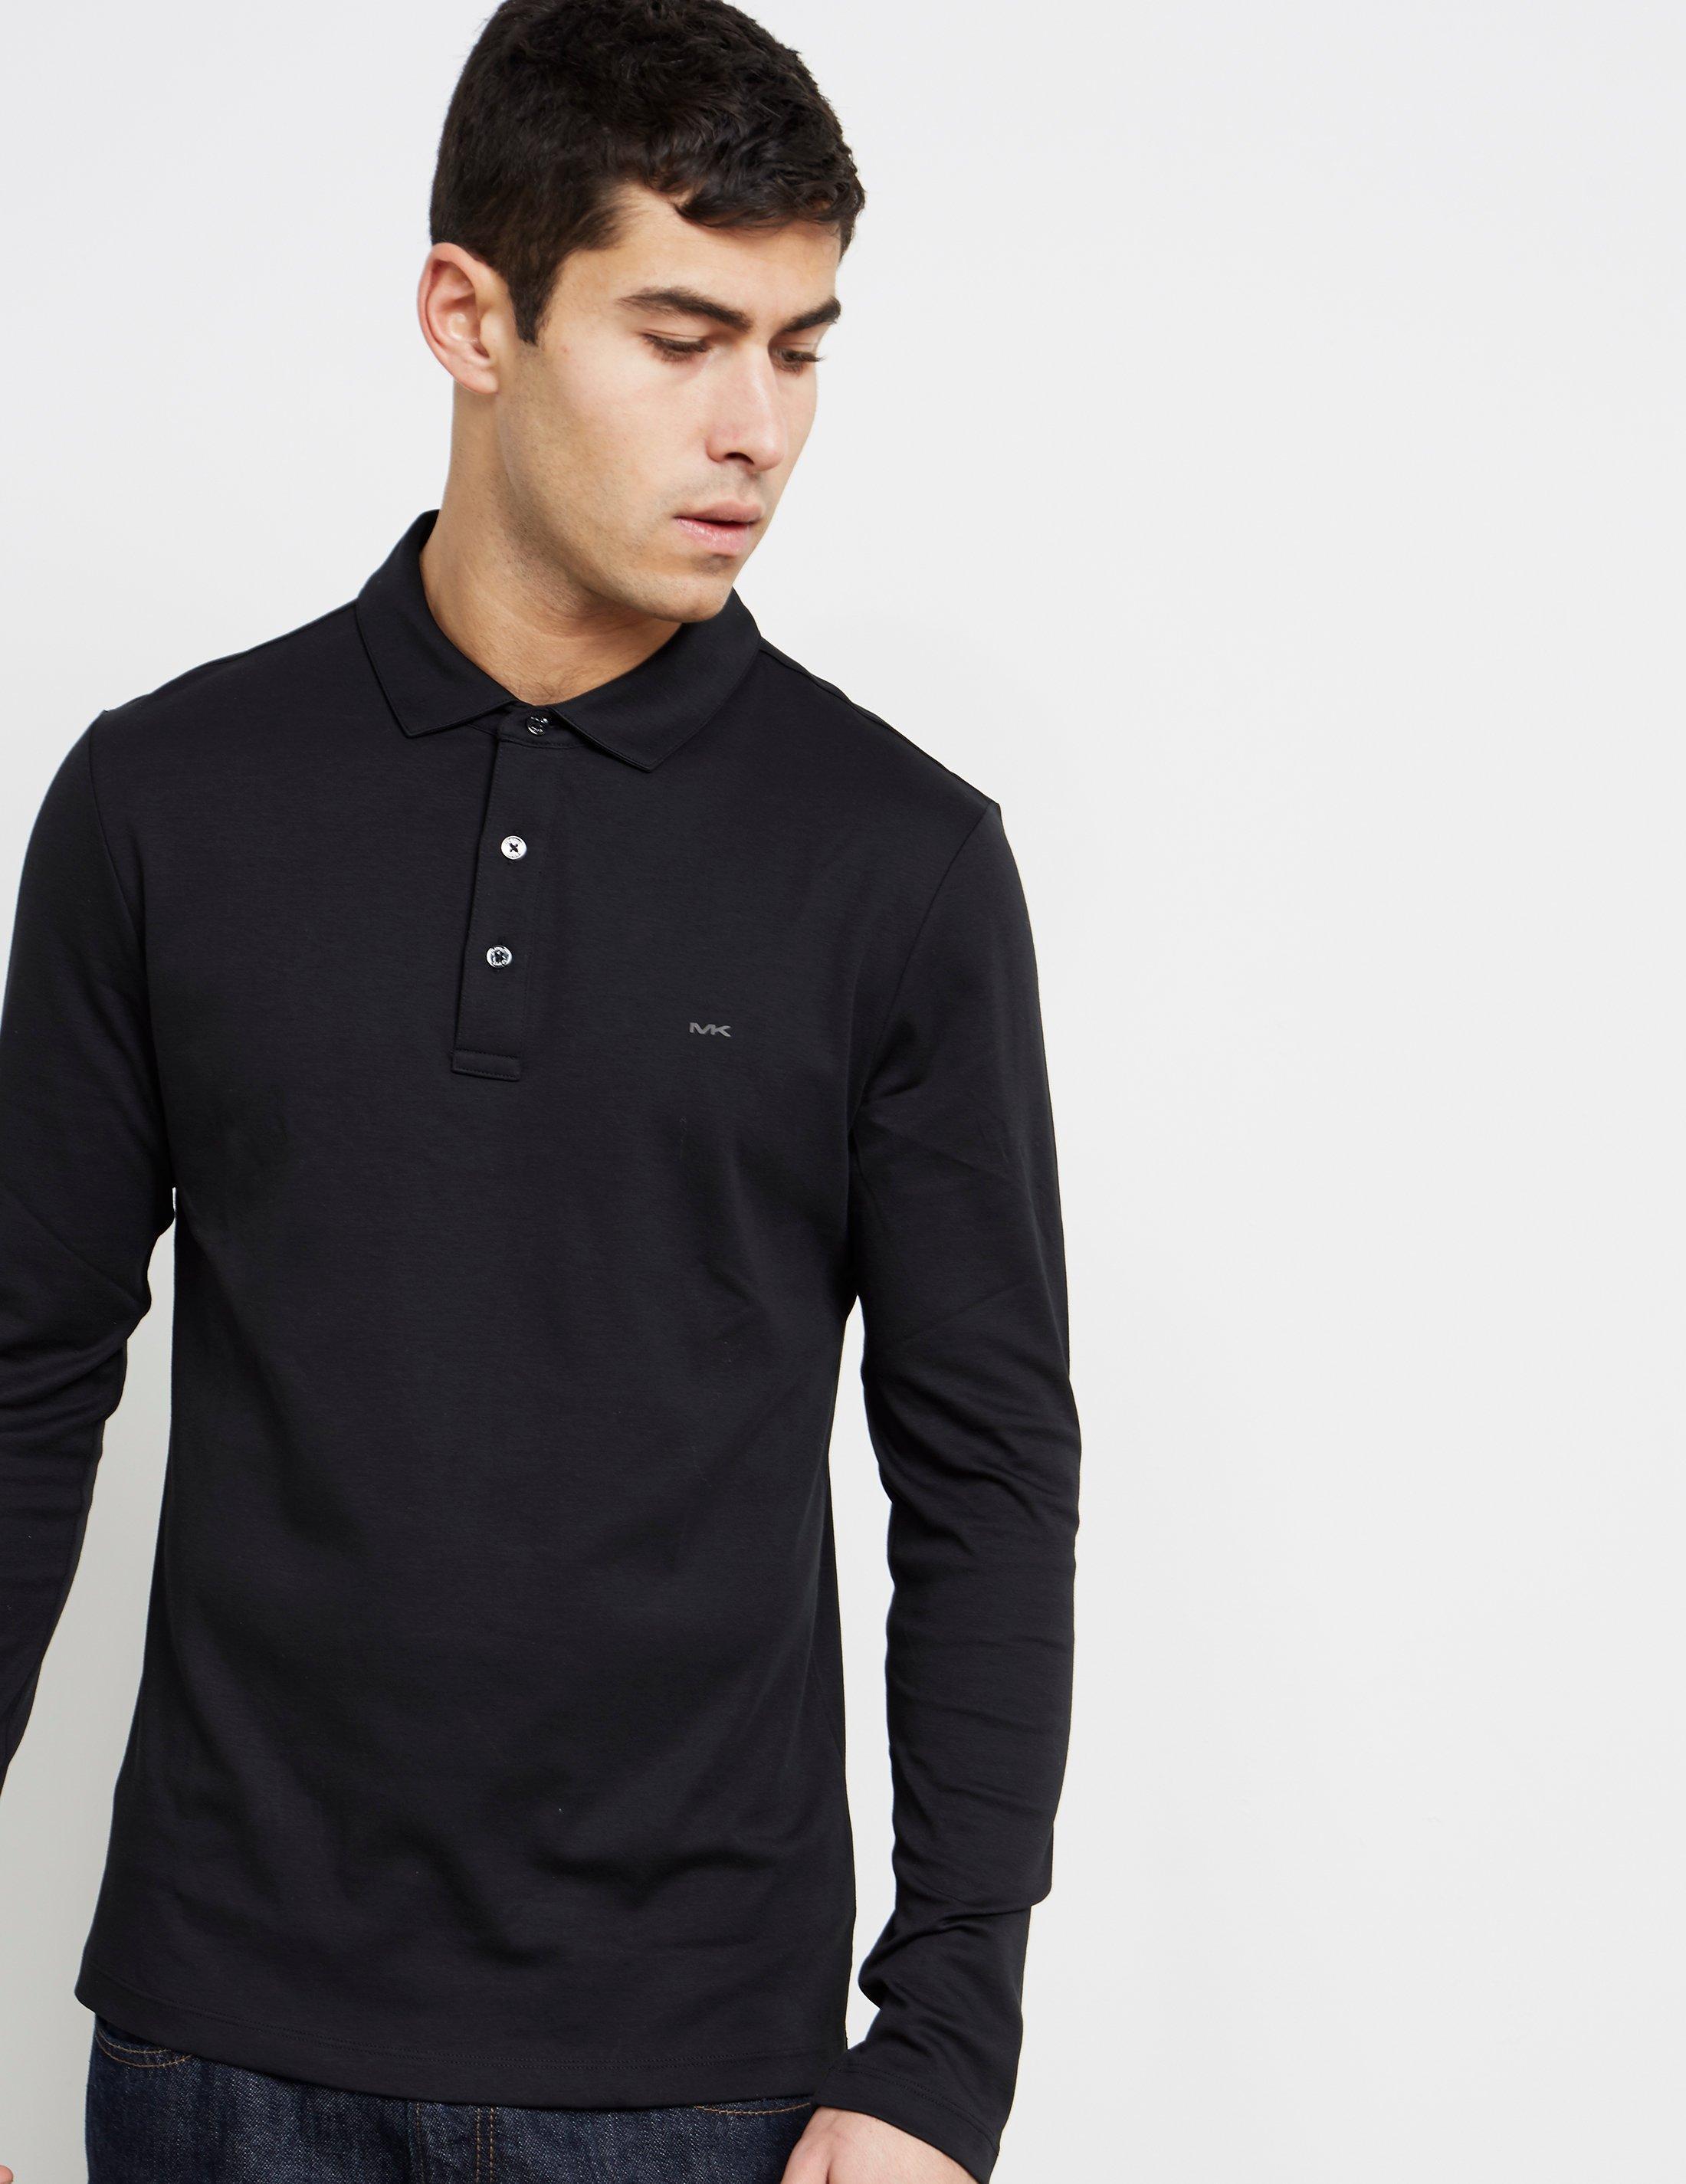 296f0788 Lyst - Michael Kors Sleek Long Sleeve Polo Shirt Black in Black for Men